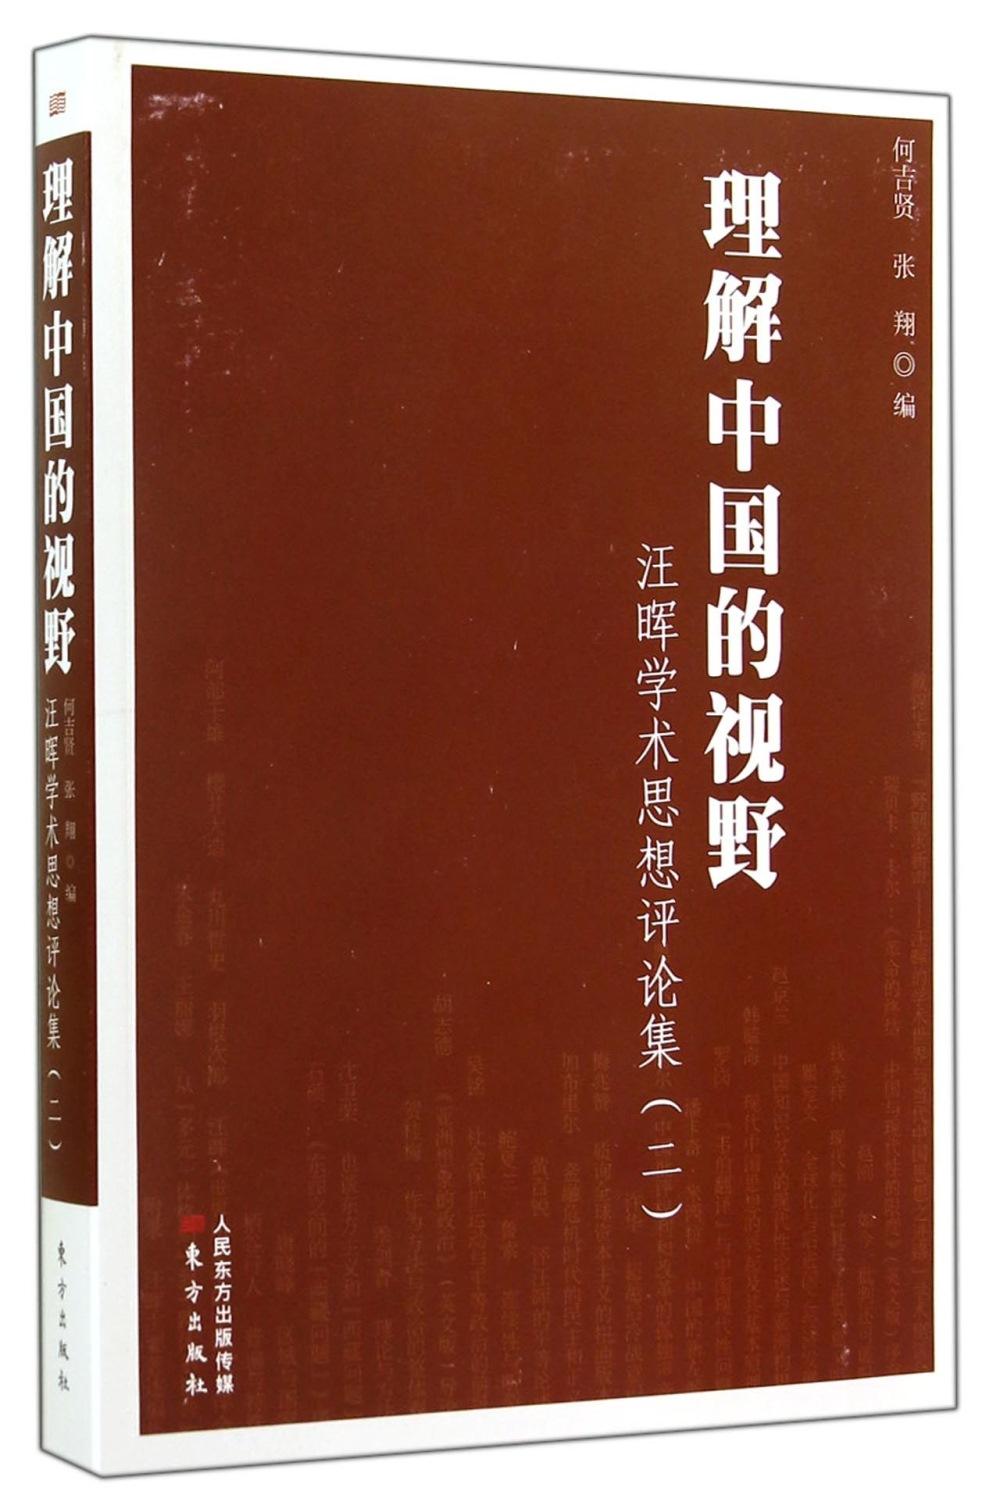 理解中國的視野:汪暉學術思想評論集^(二^)